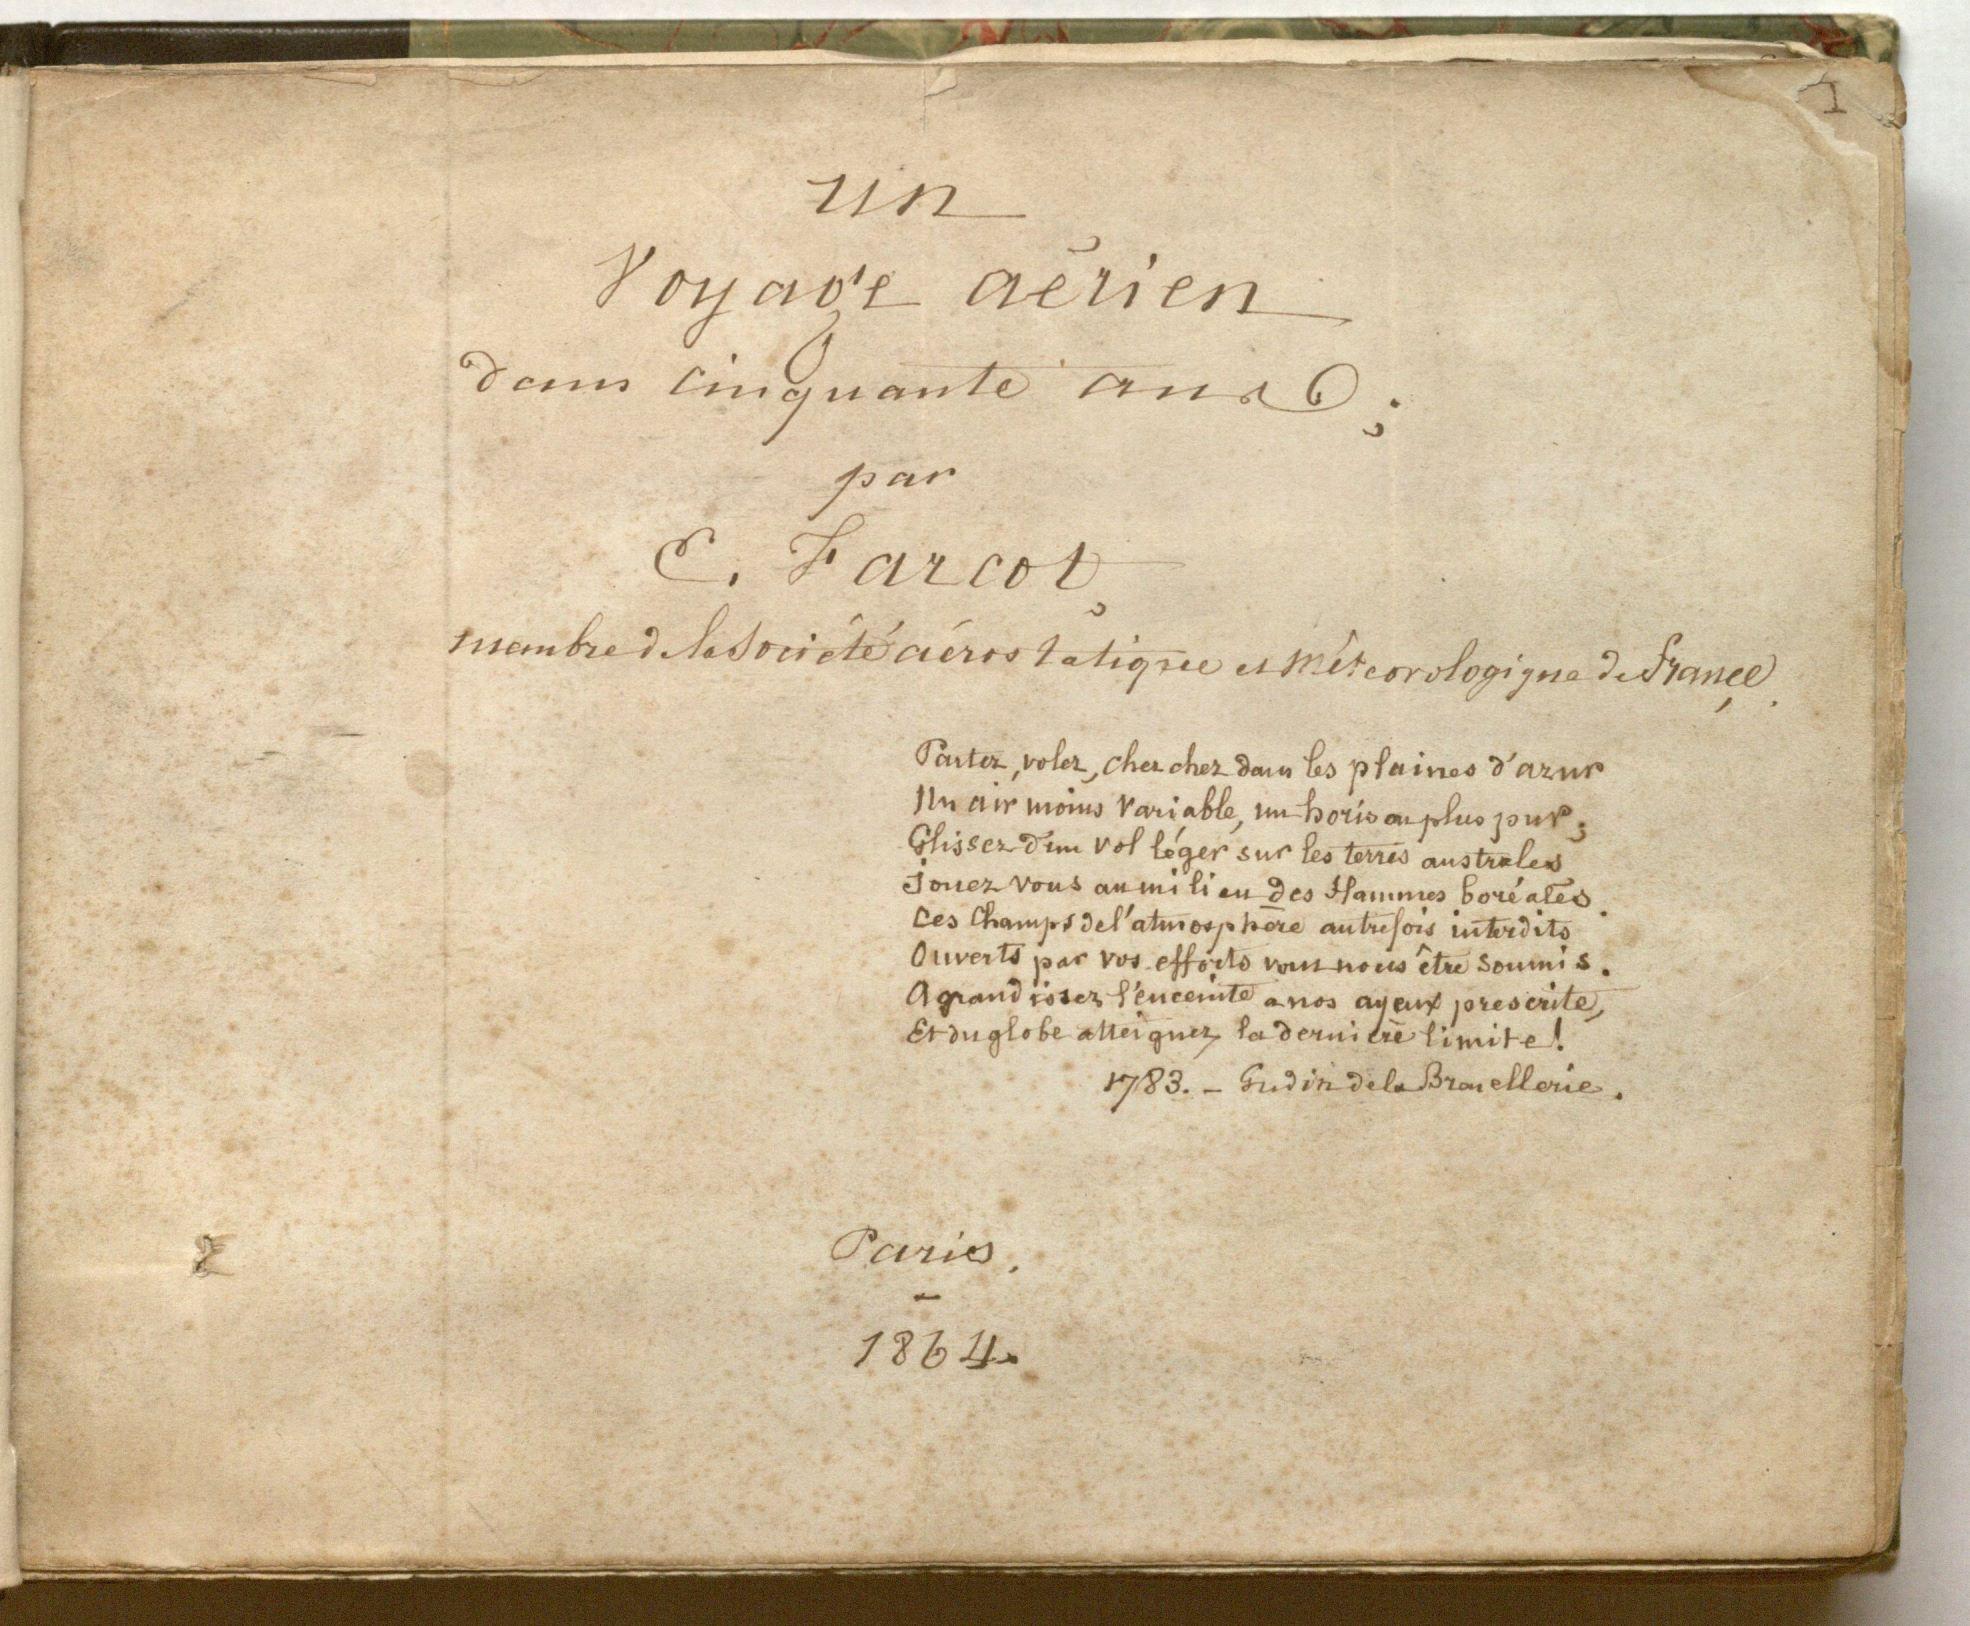 The title page from Eugène Farcot's Literary Manuscript Un Voyage Aérien; Dans Cinquante Ans. Special Collections.